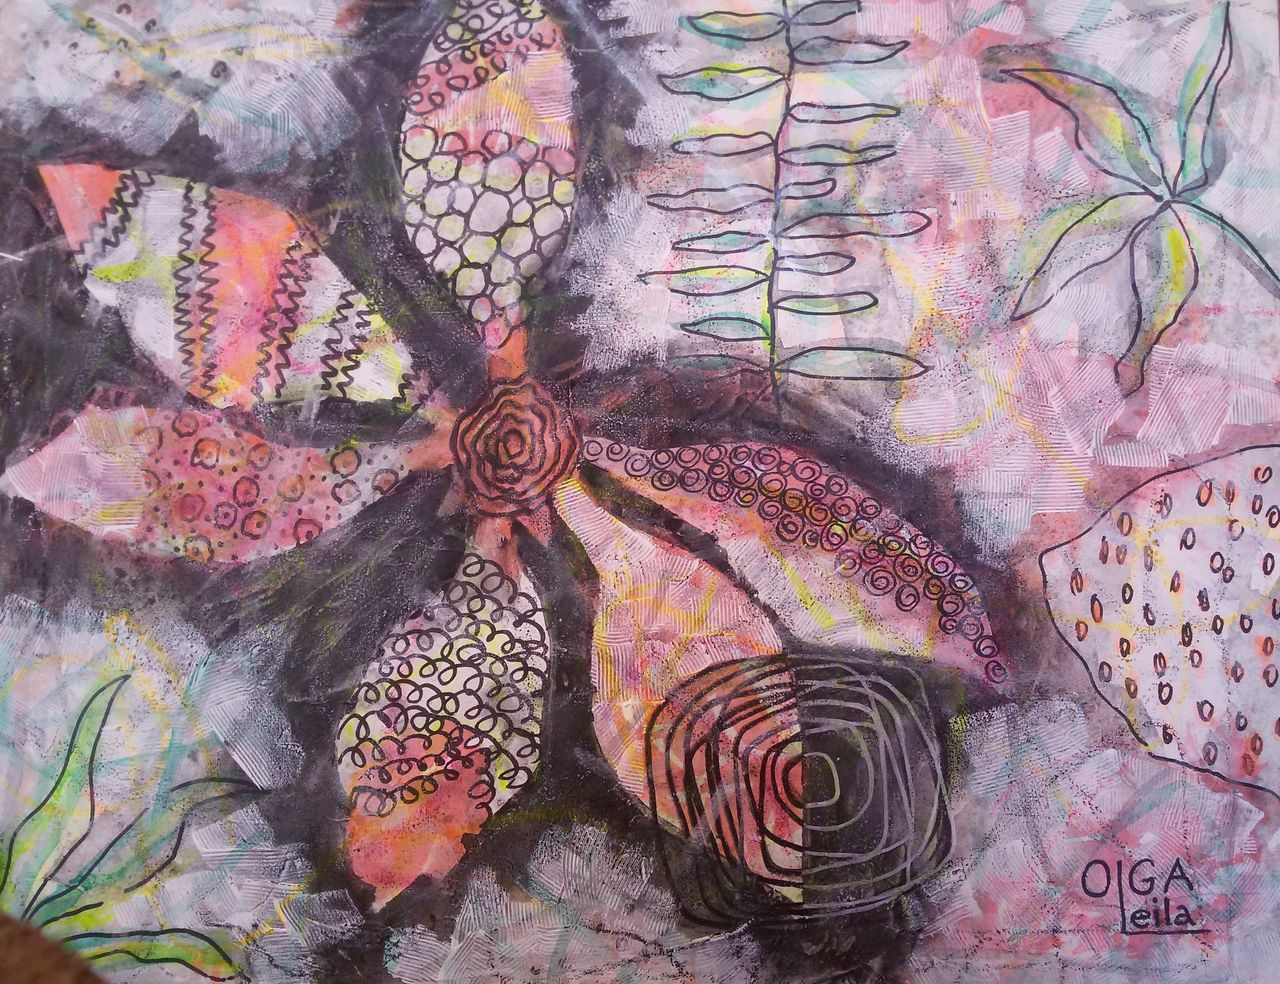 Olga  Leila La fleur imaginaire